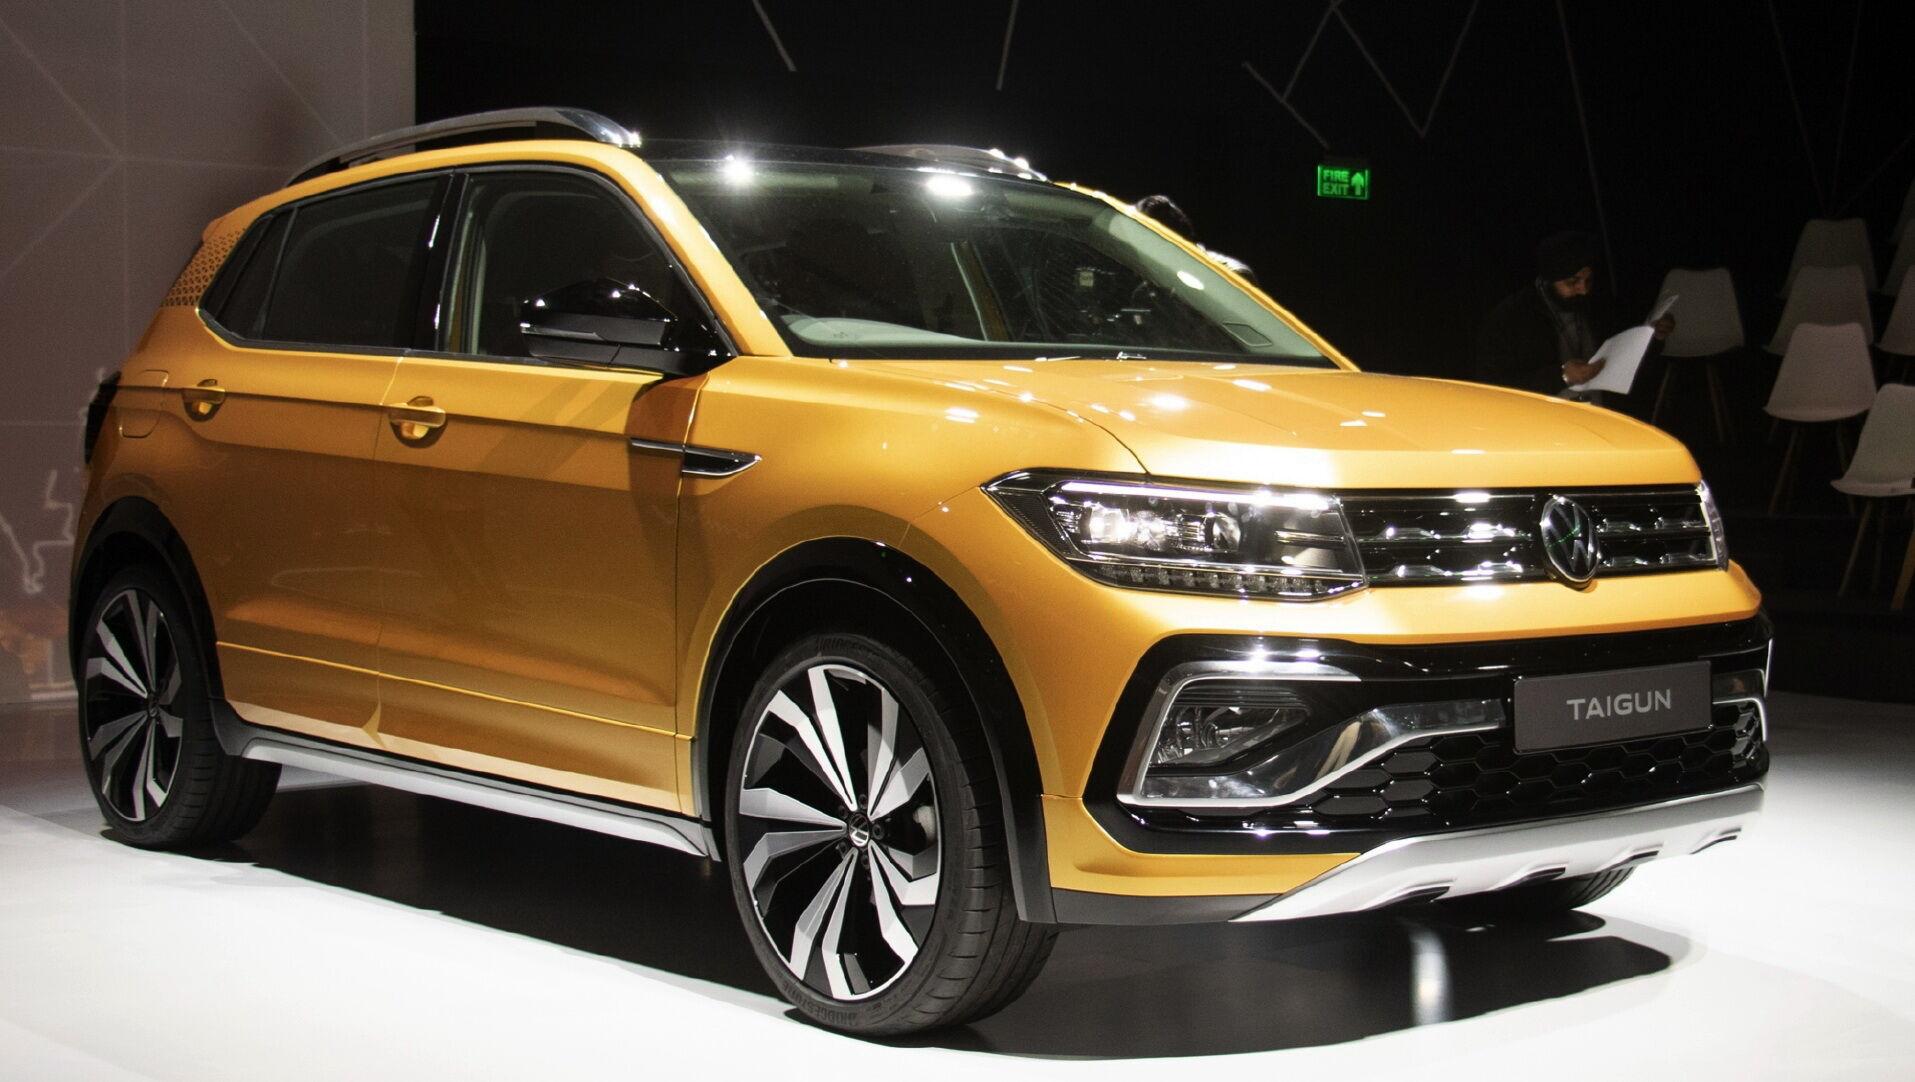 Volkswagen Taigun станет вторым кроссовером после Skoda Kushaq, который будет использовать платформу MQB A0 IN